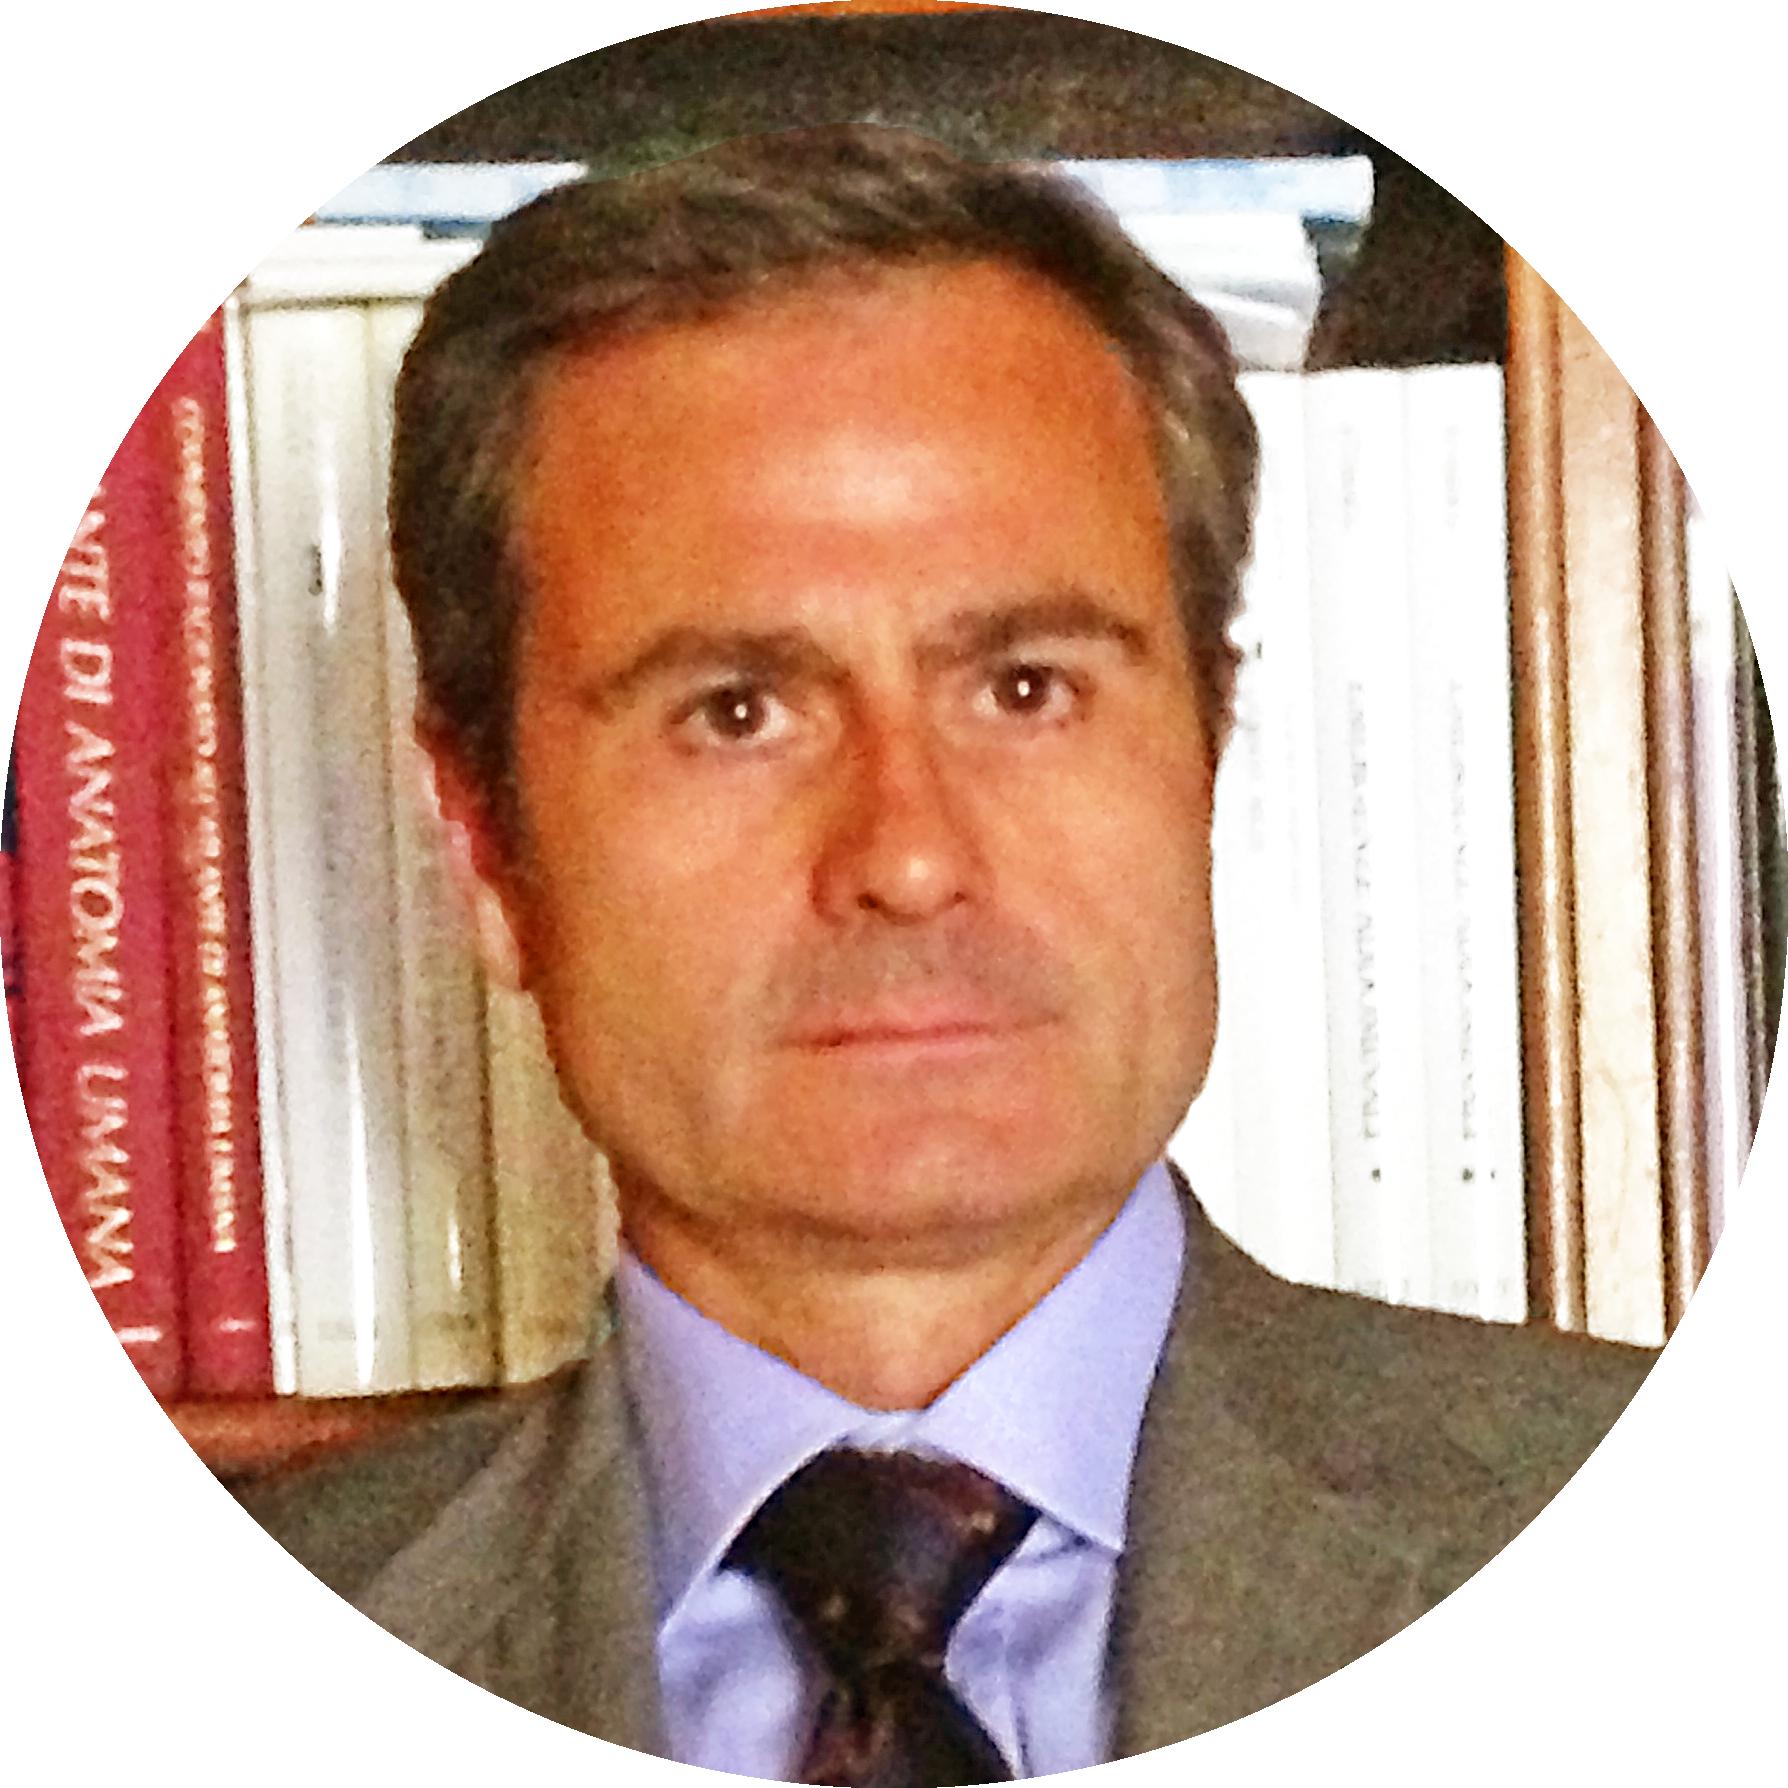 Dott. Alberico Balbiano di Colcavagno